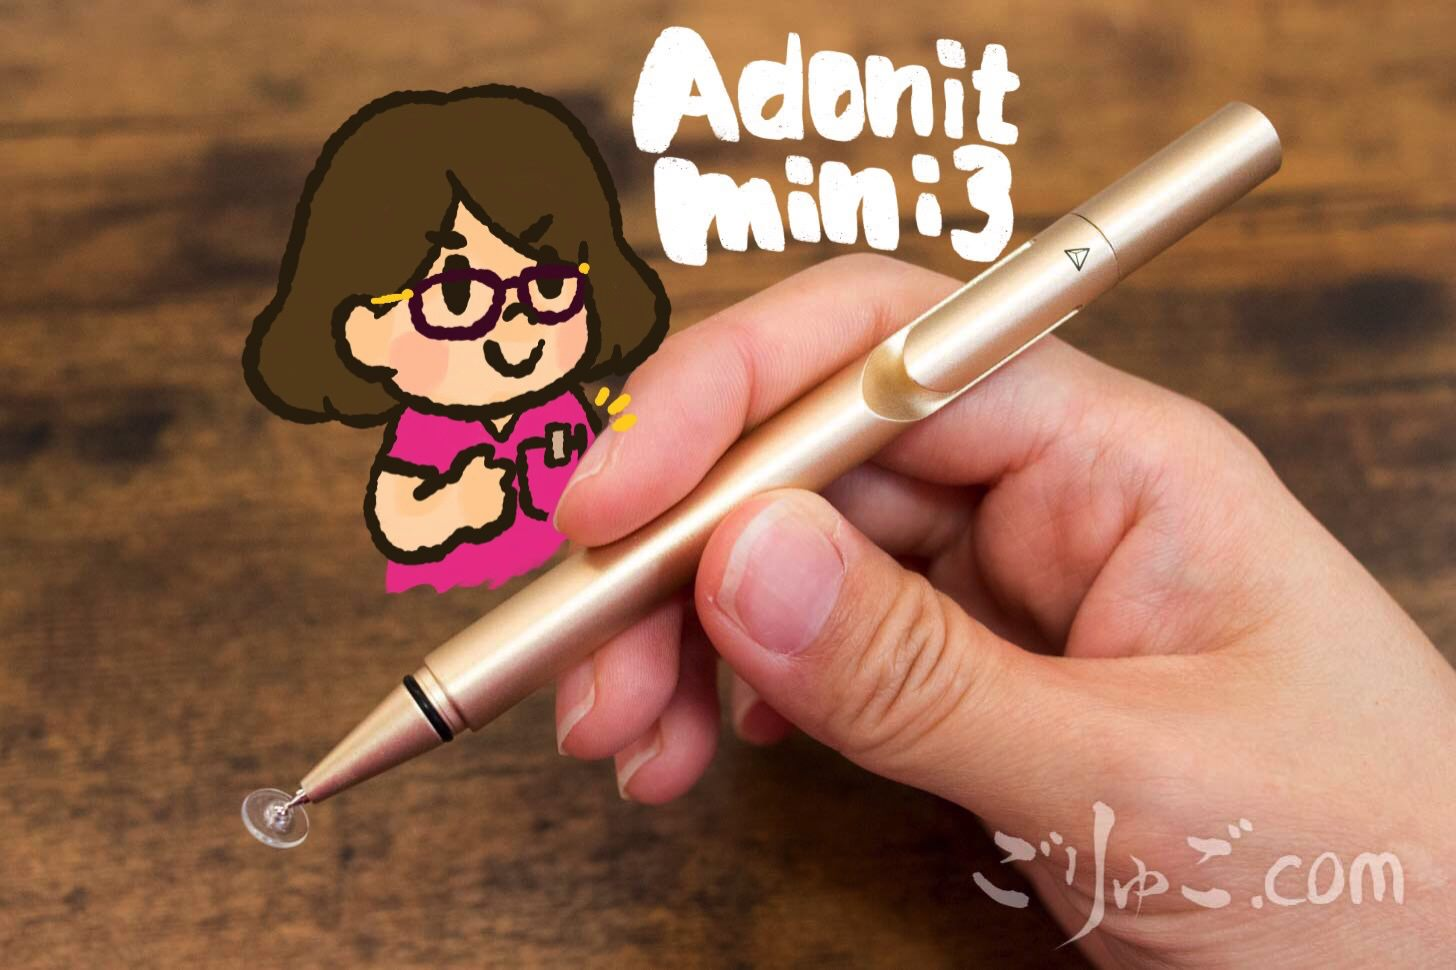 Adonit mini3レビュー